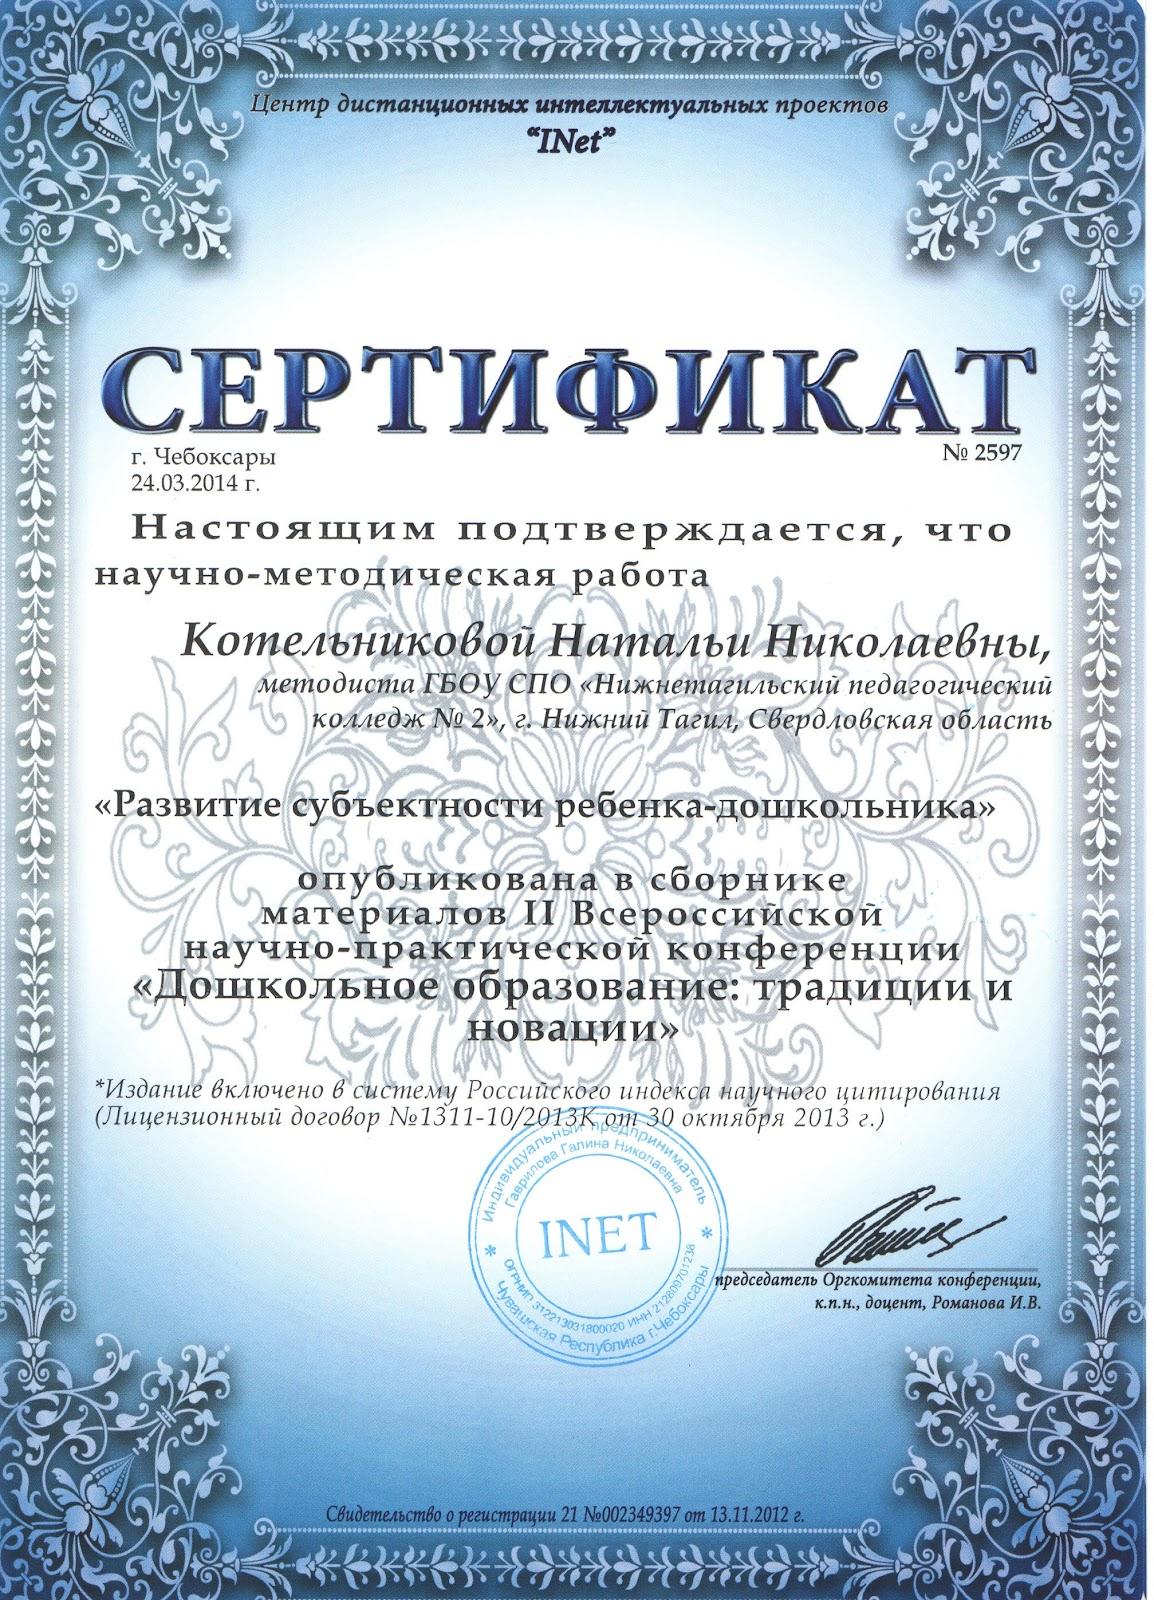 Котельникова.jpg